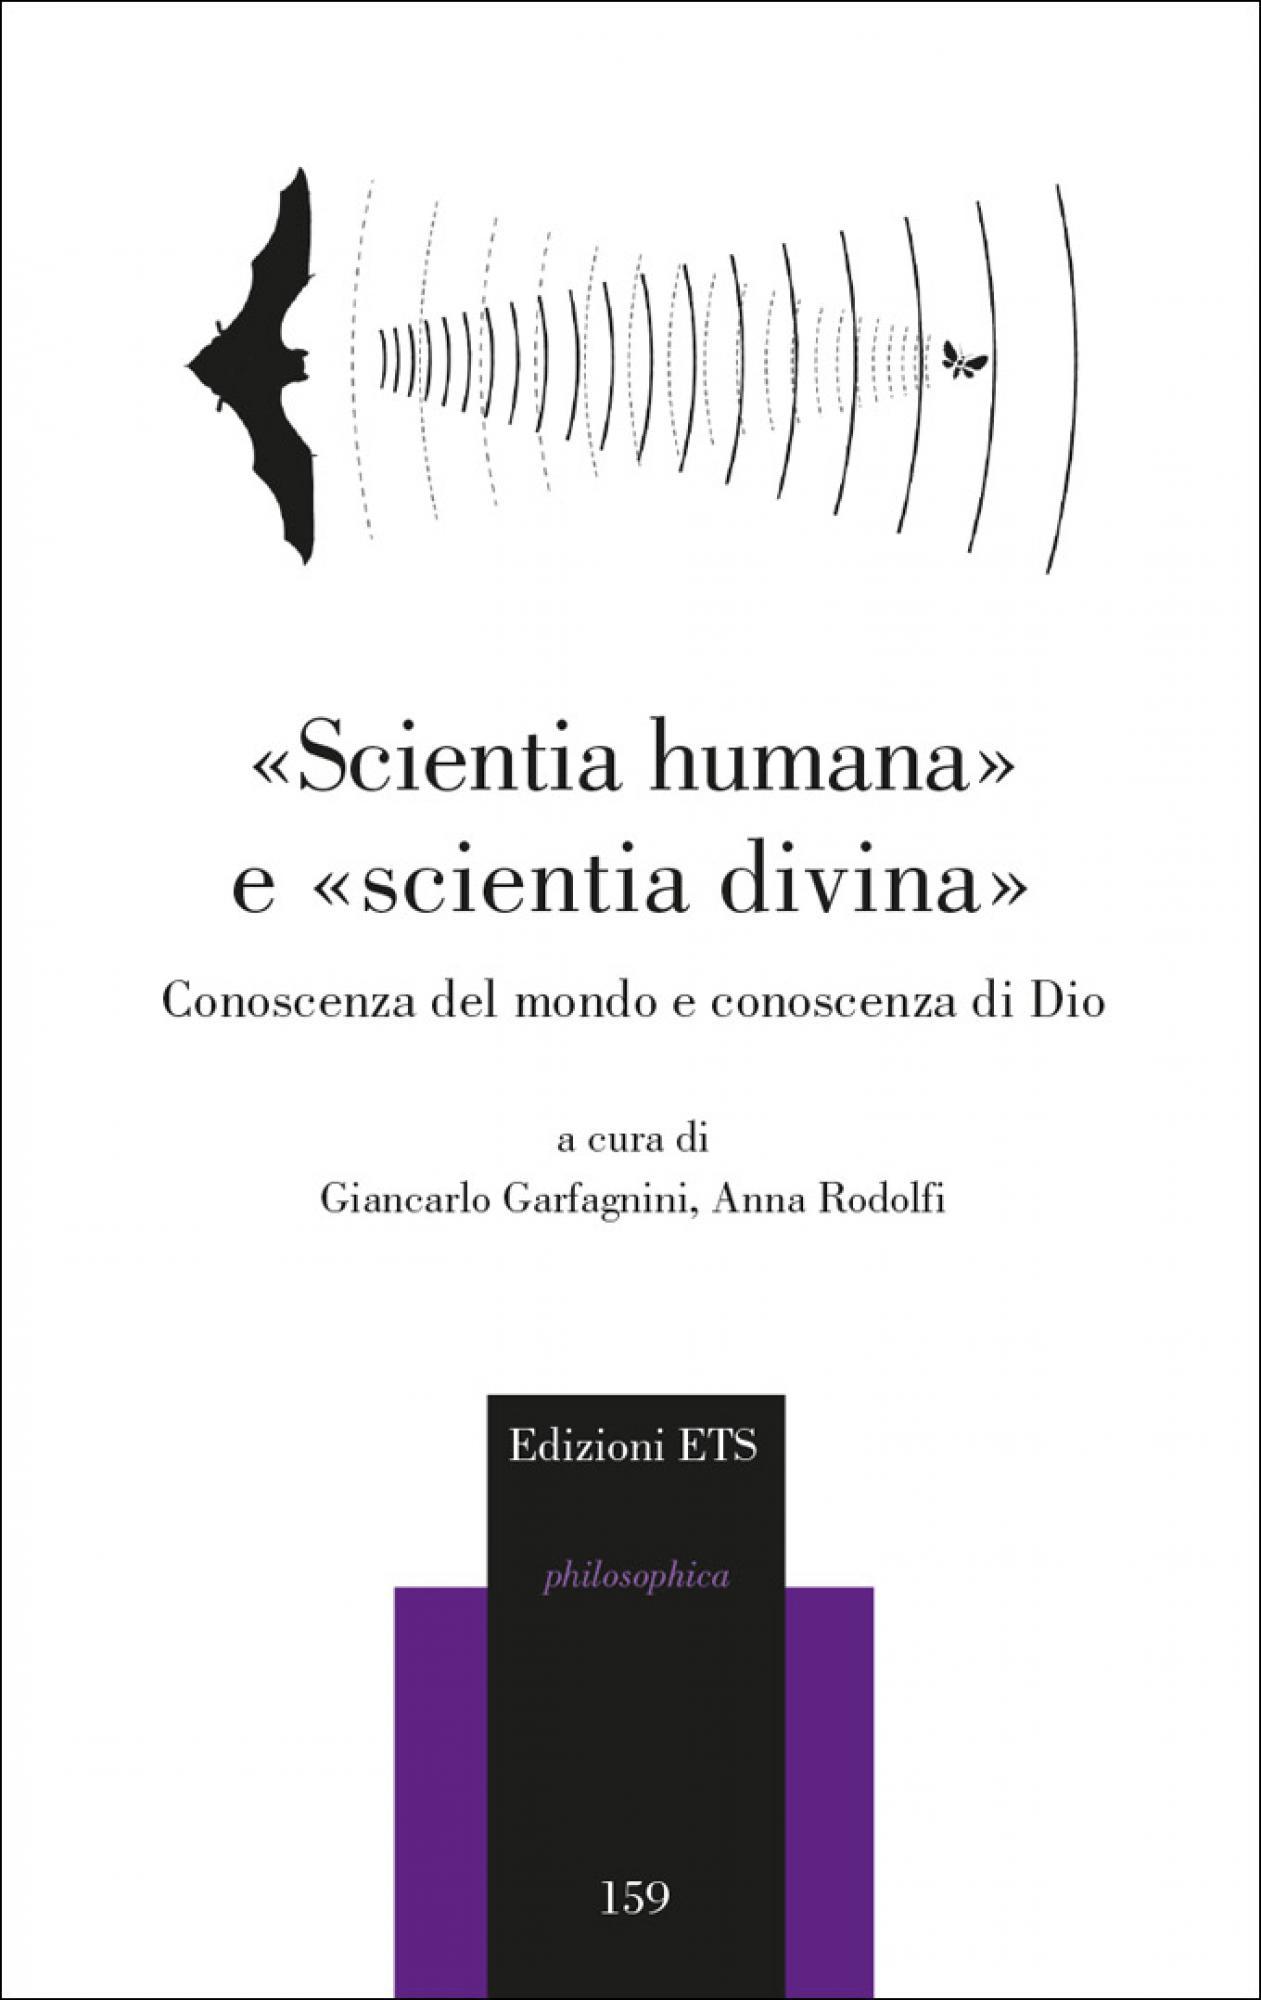 «Scientia humana» e «scientia divina».Conoscenza del mondo e conoscenza di Dio